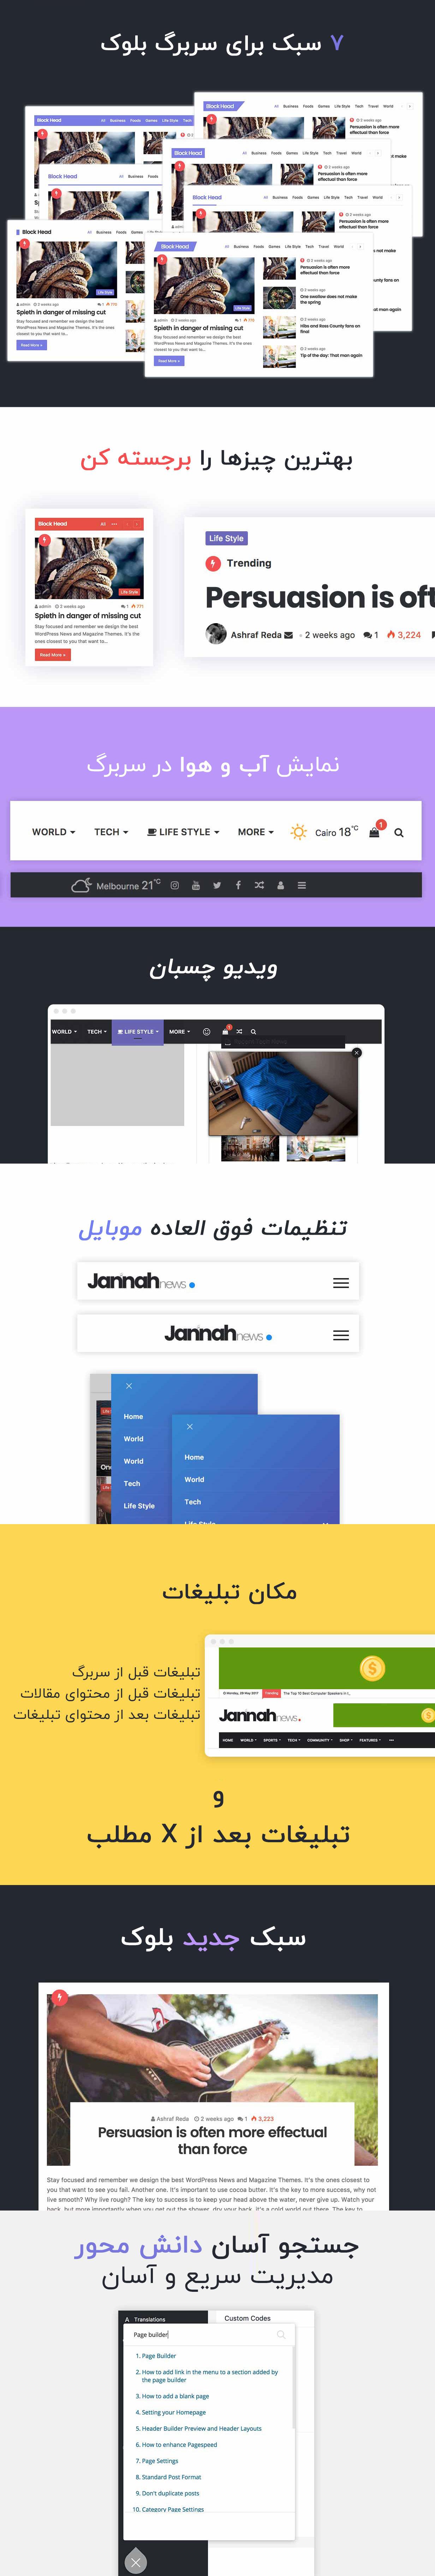 قالب مجله خبری Jannah